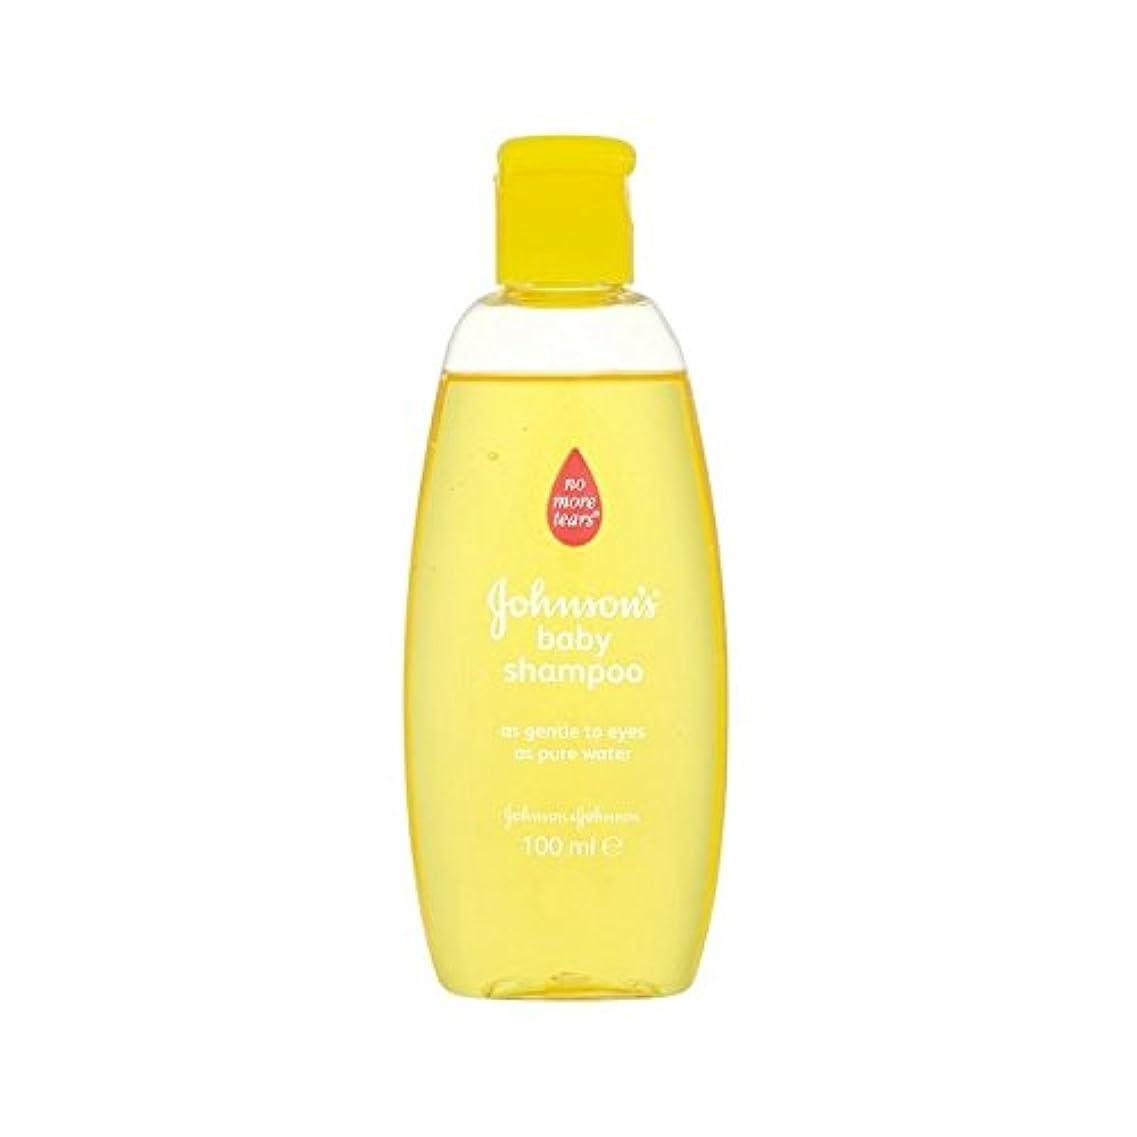 応用ワイヤーアサー金旅行シャンプー100ミリリットル (Johnson's Baby) (x 6) - Johnson's Baby Gold Travel Shampoo 100ml (Pack of 6) [並行輸入品]